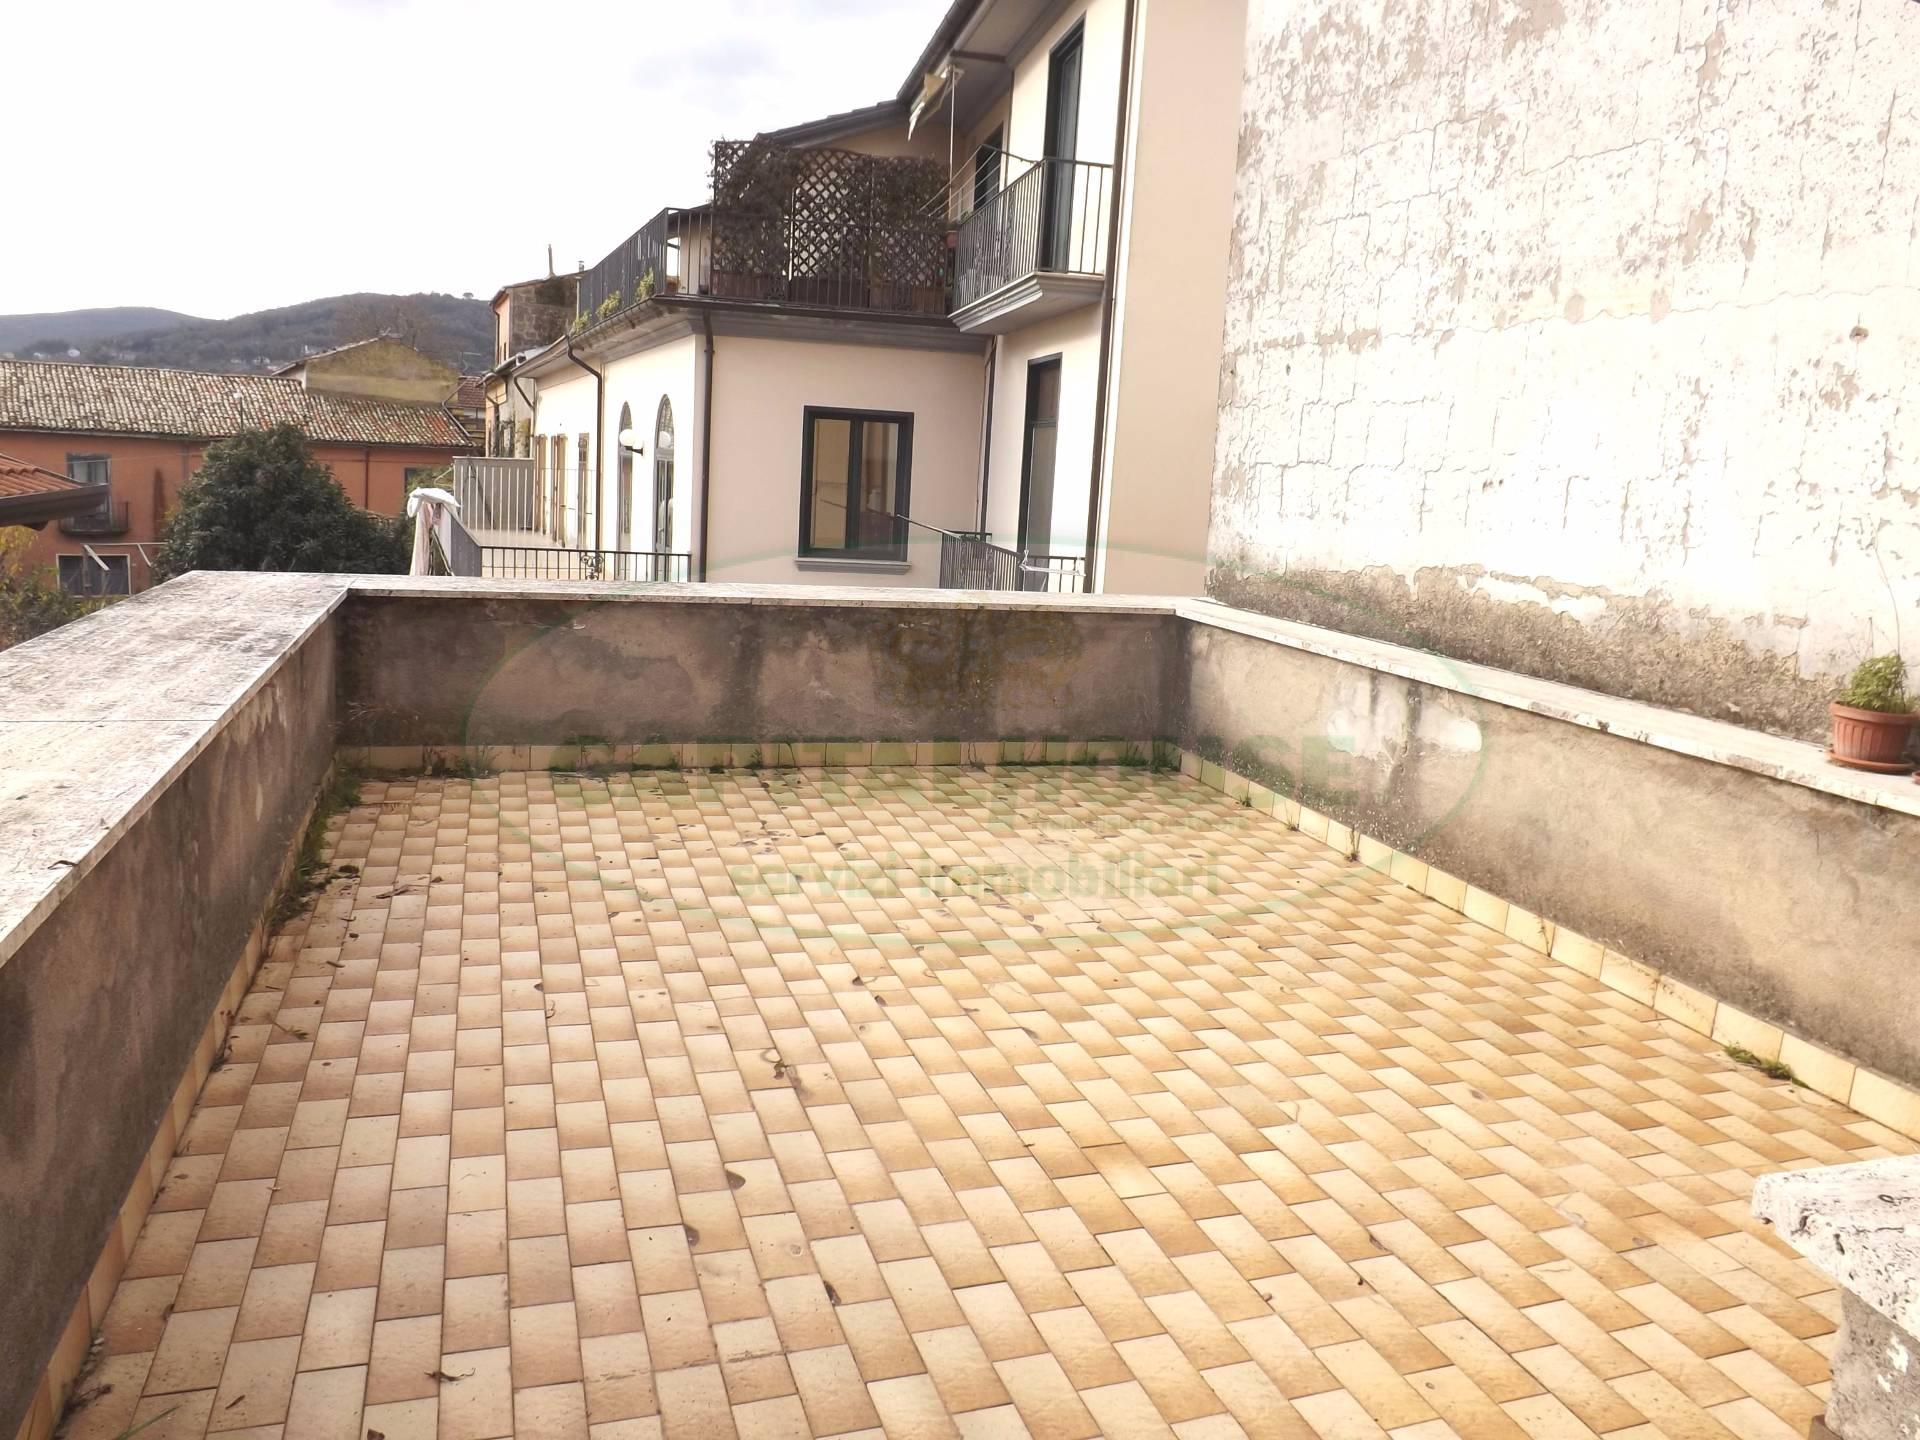 Appartamento in vendita a Cesinali, 3 locali, prezzo € 45.000 | Cambio Casa.it